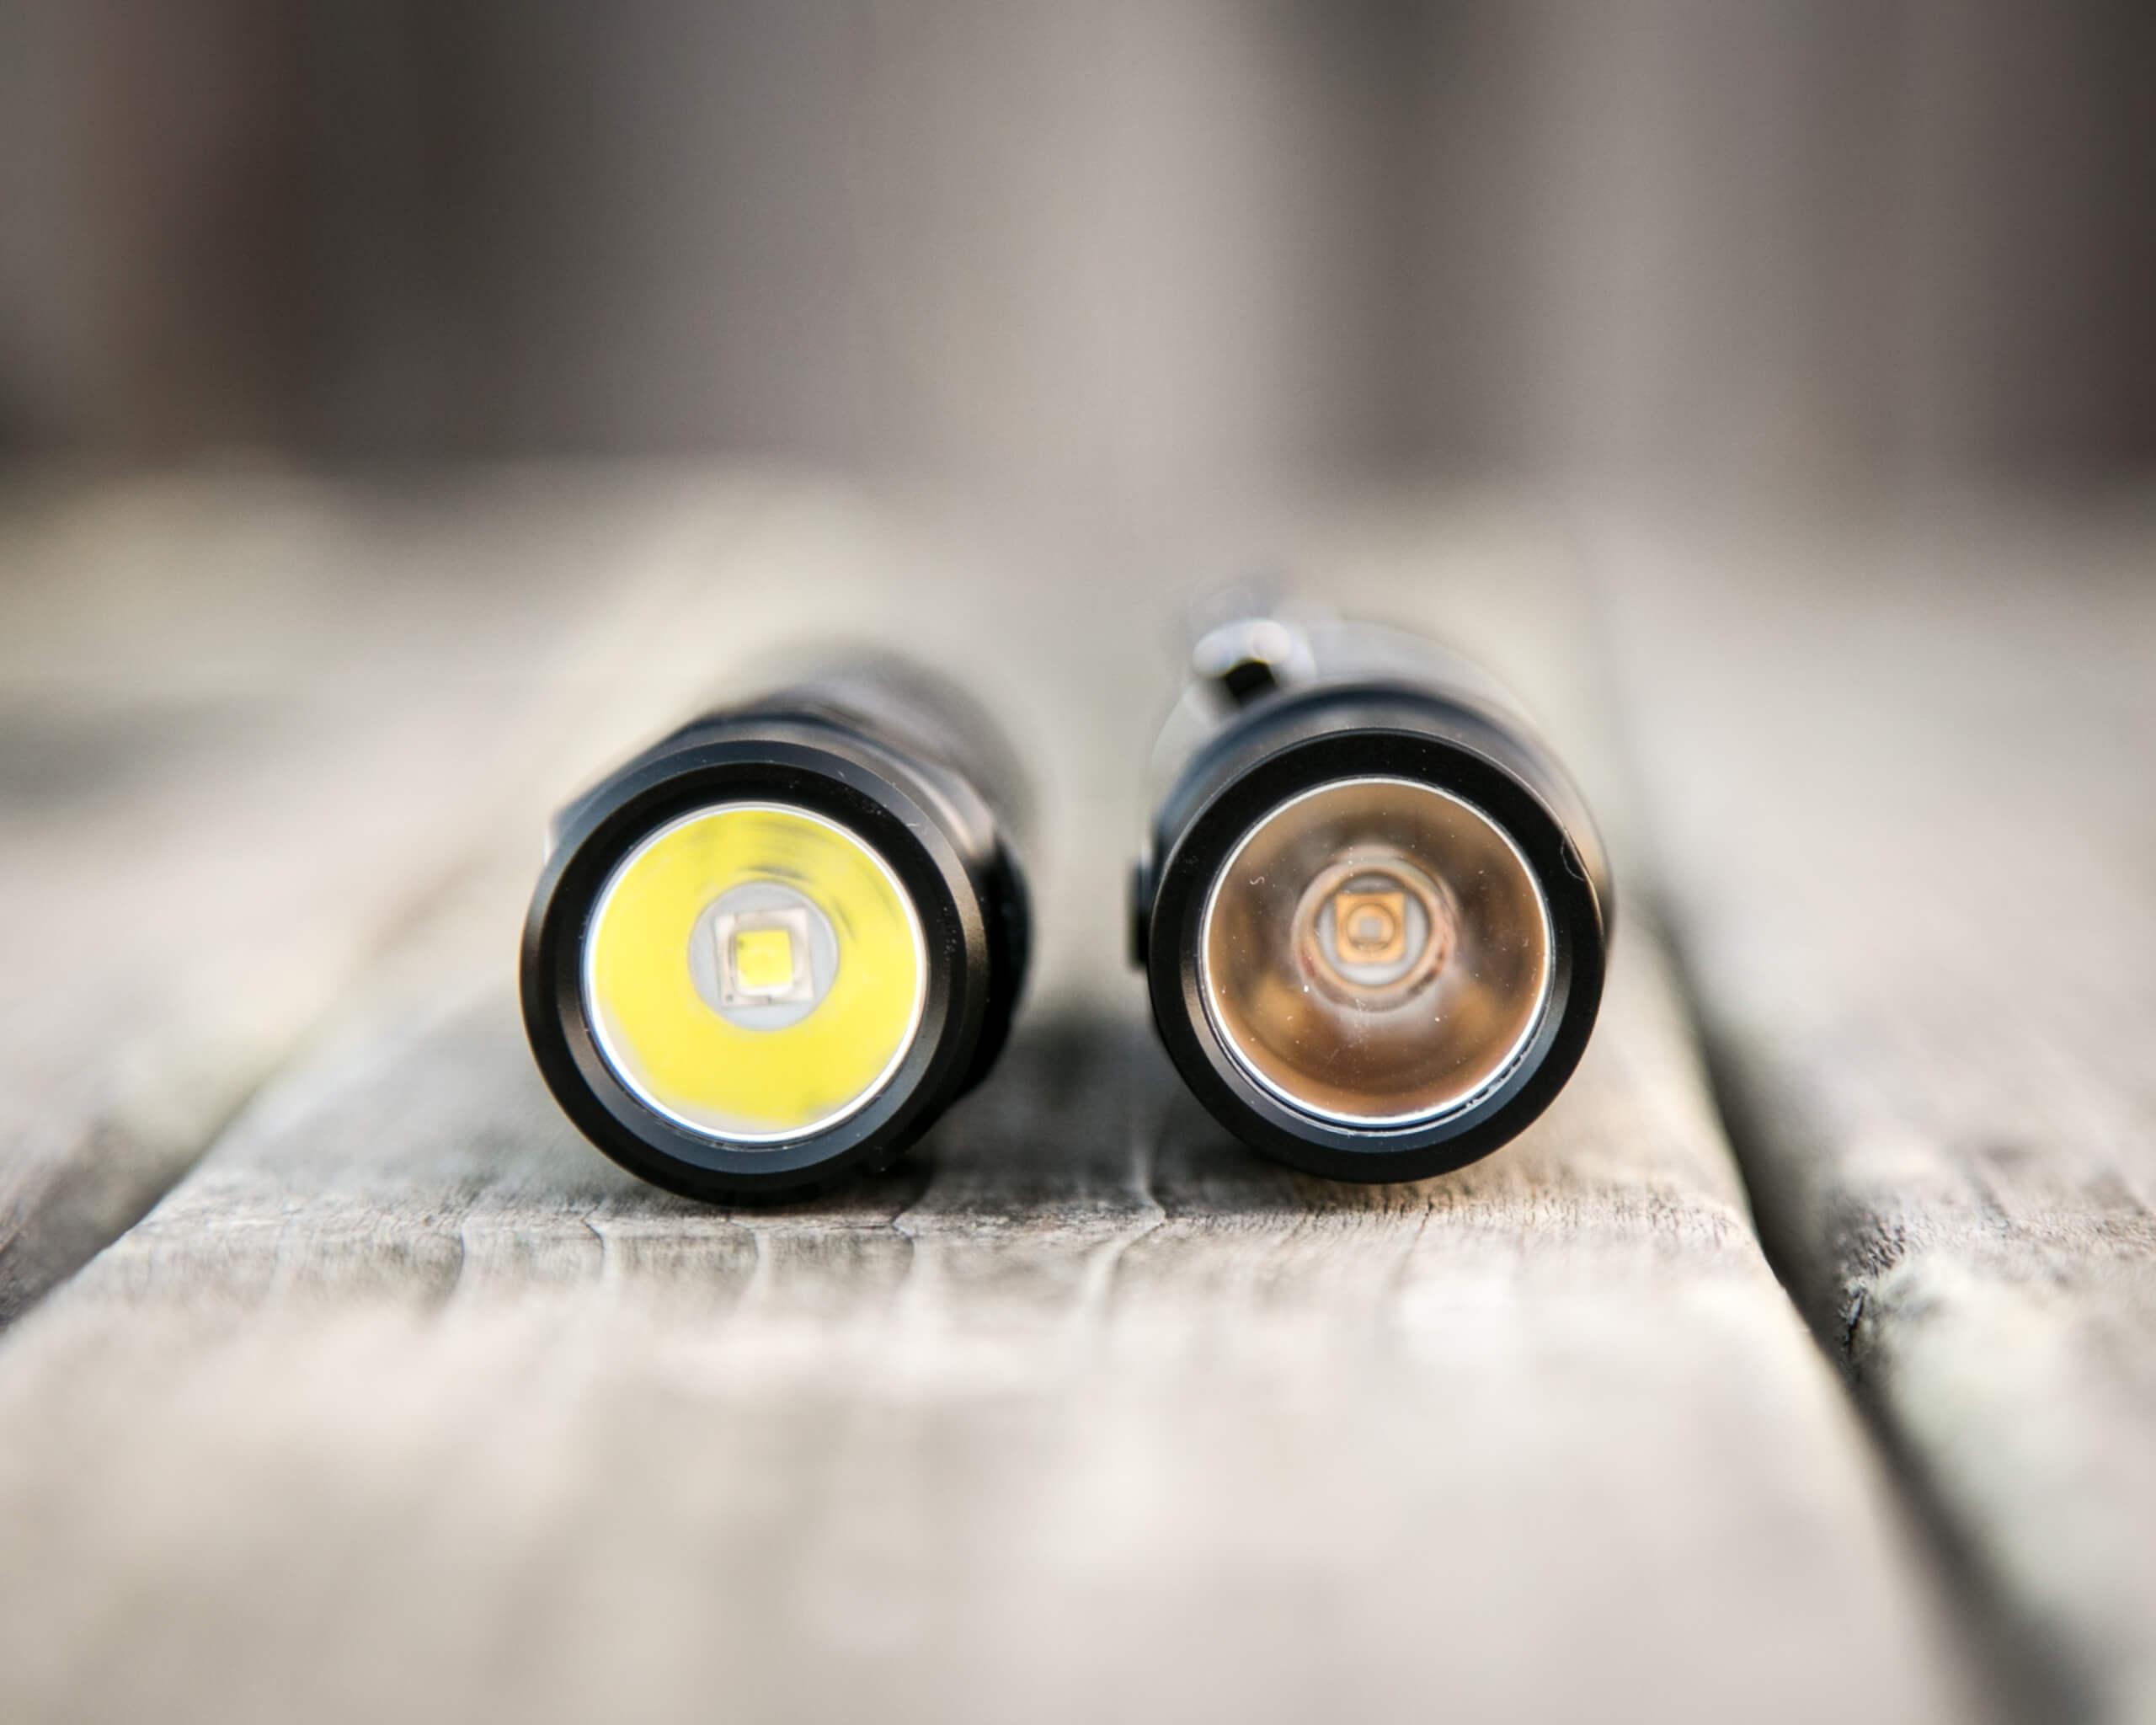 sofirn sp31uv ultraviolet 18650 flashlight beside sofirn sc31 pro